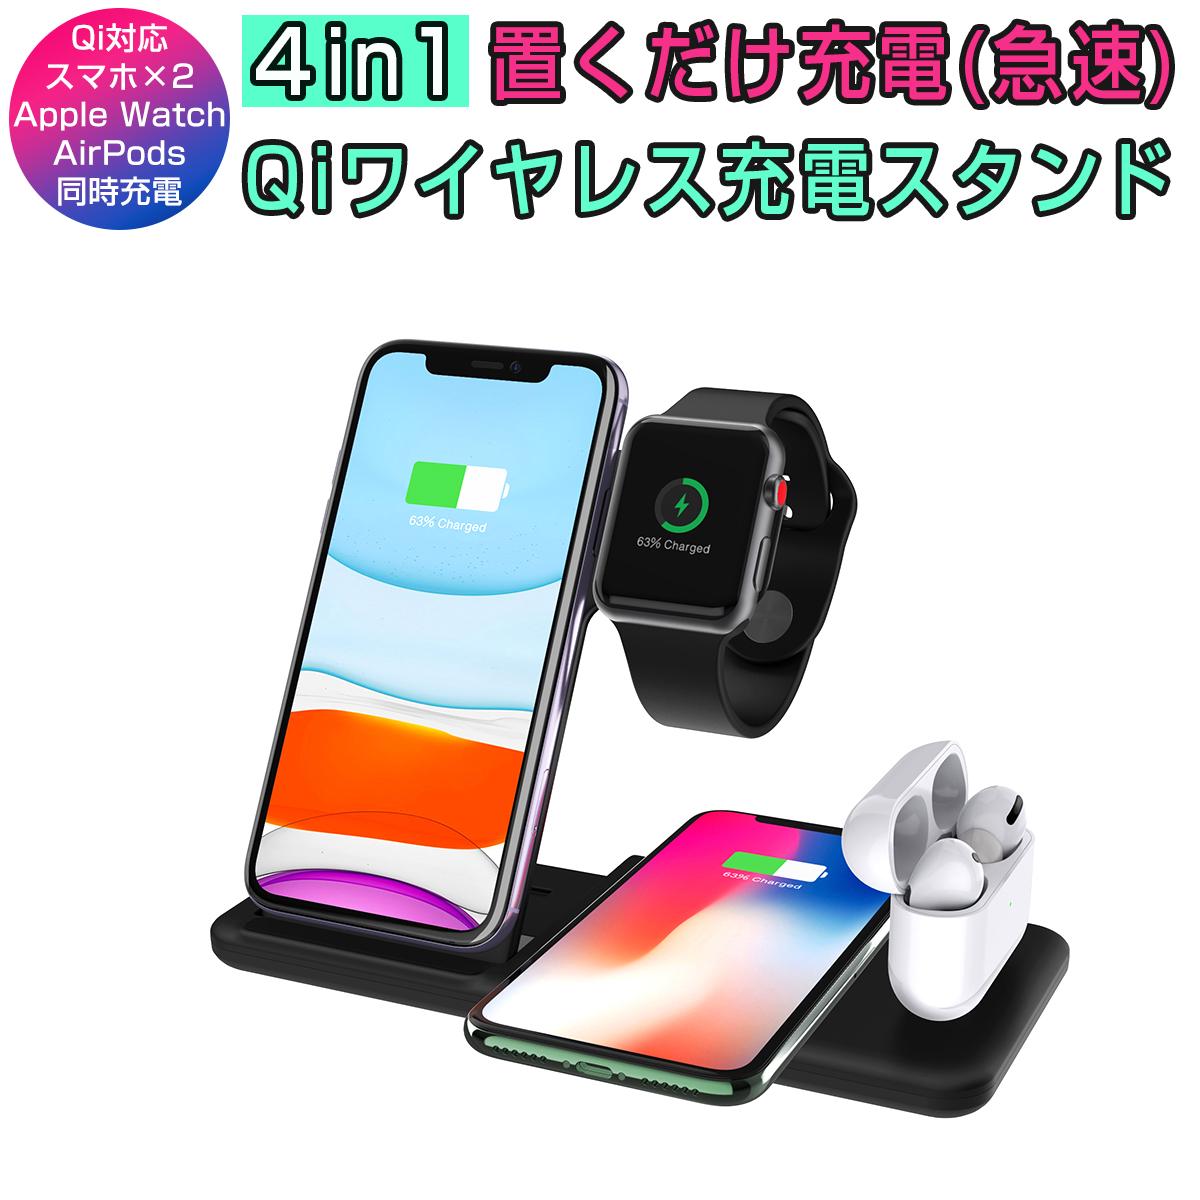 iPhone Apple Watch AirPods 4in1 Qiワイヤレス充電スタンド 4台同時充電 スマホ2台可能 折り畳み式 Androidスマホ アップルウォッチ QC3.0 急速充電対応 同時充電 ワイヤレスチャージャー Galaxy Xperia 対応 黒 SDM便送料無料 1ヶ月保証